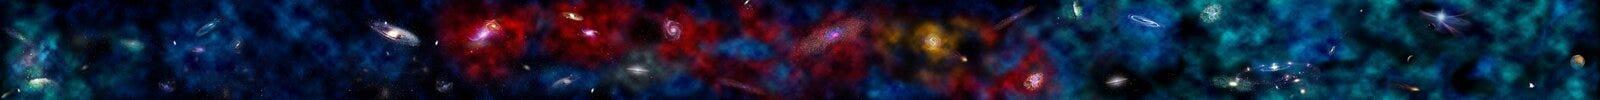 Hintergrund-Stern-Universum Lizenzfreies Stockbild